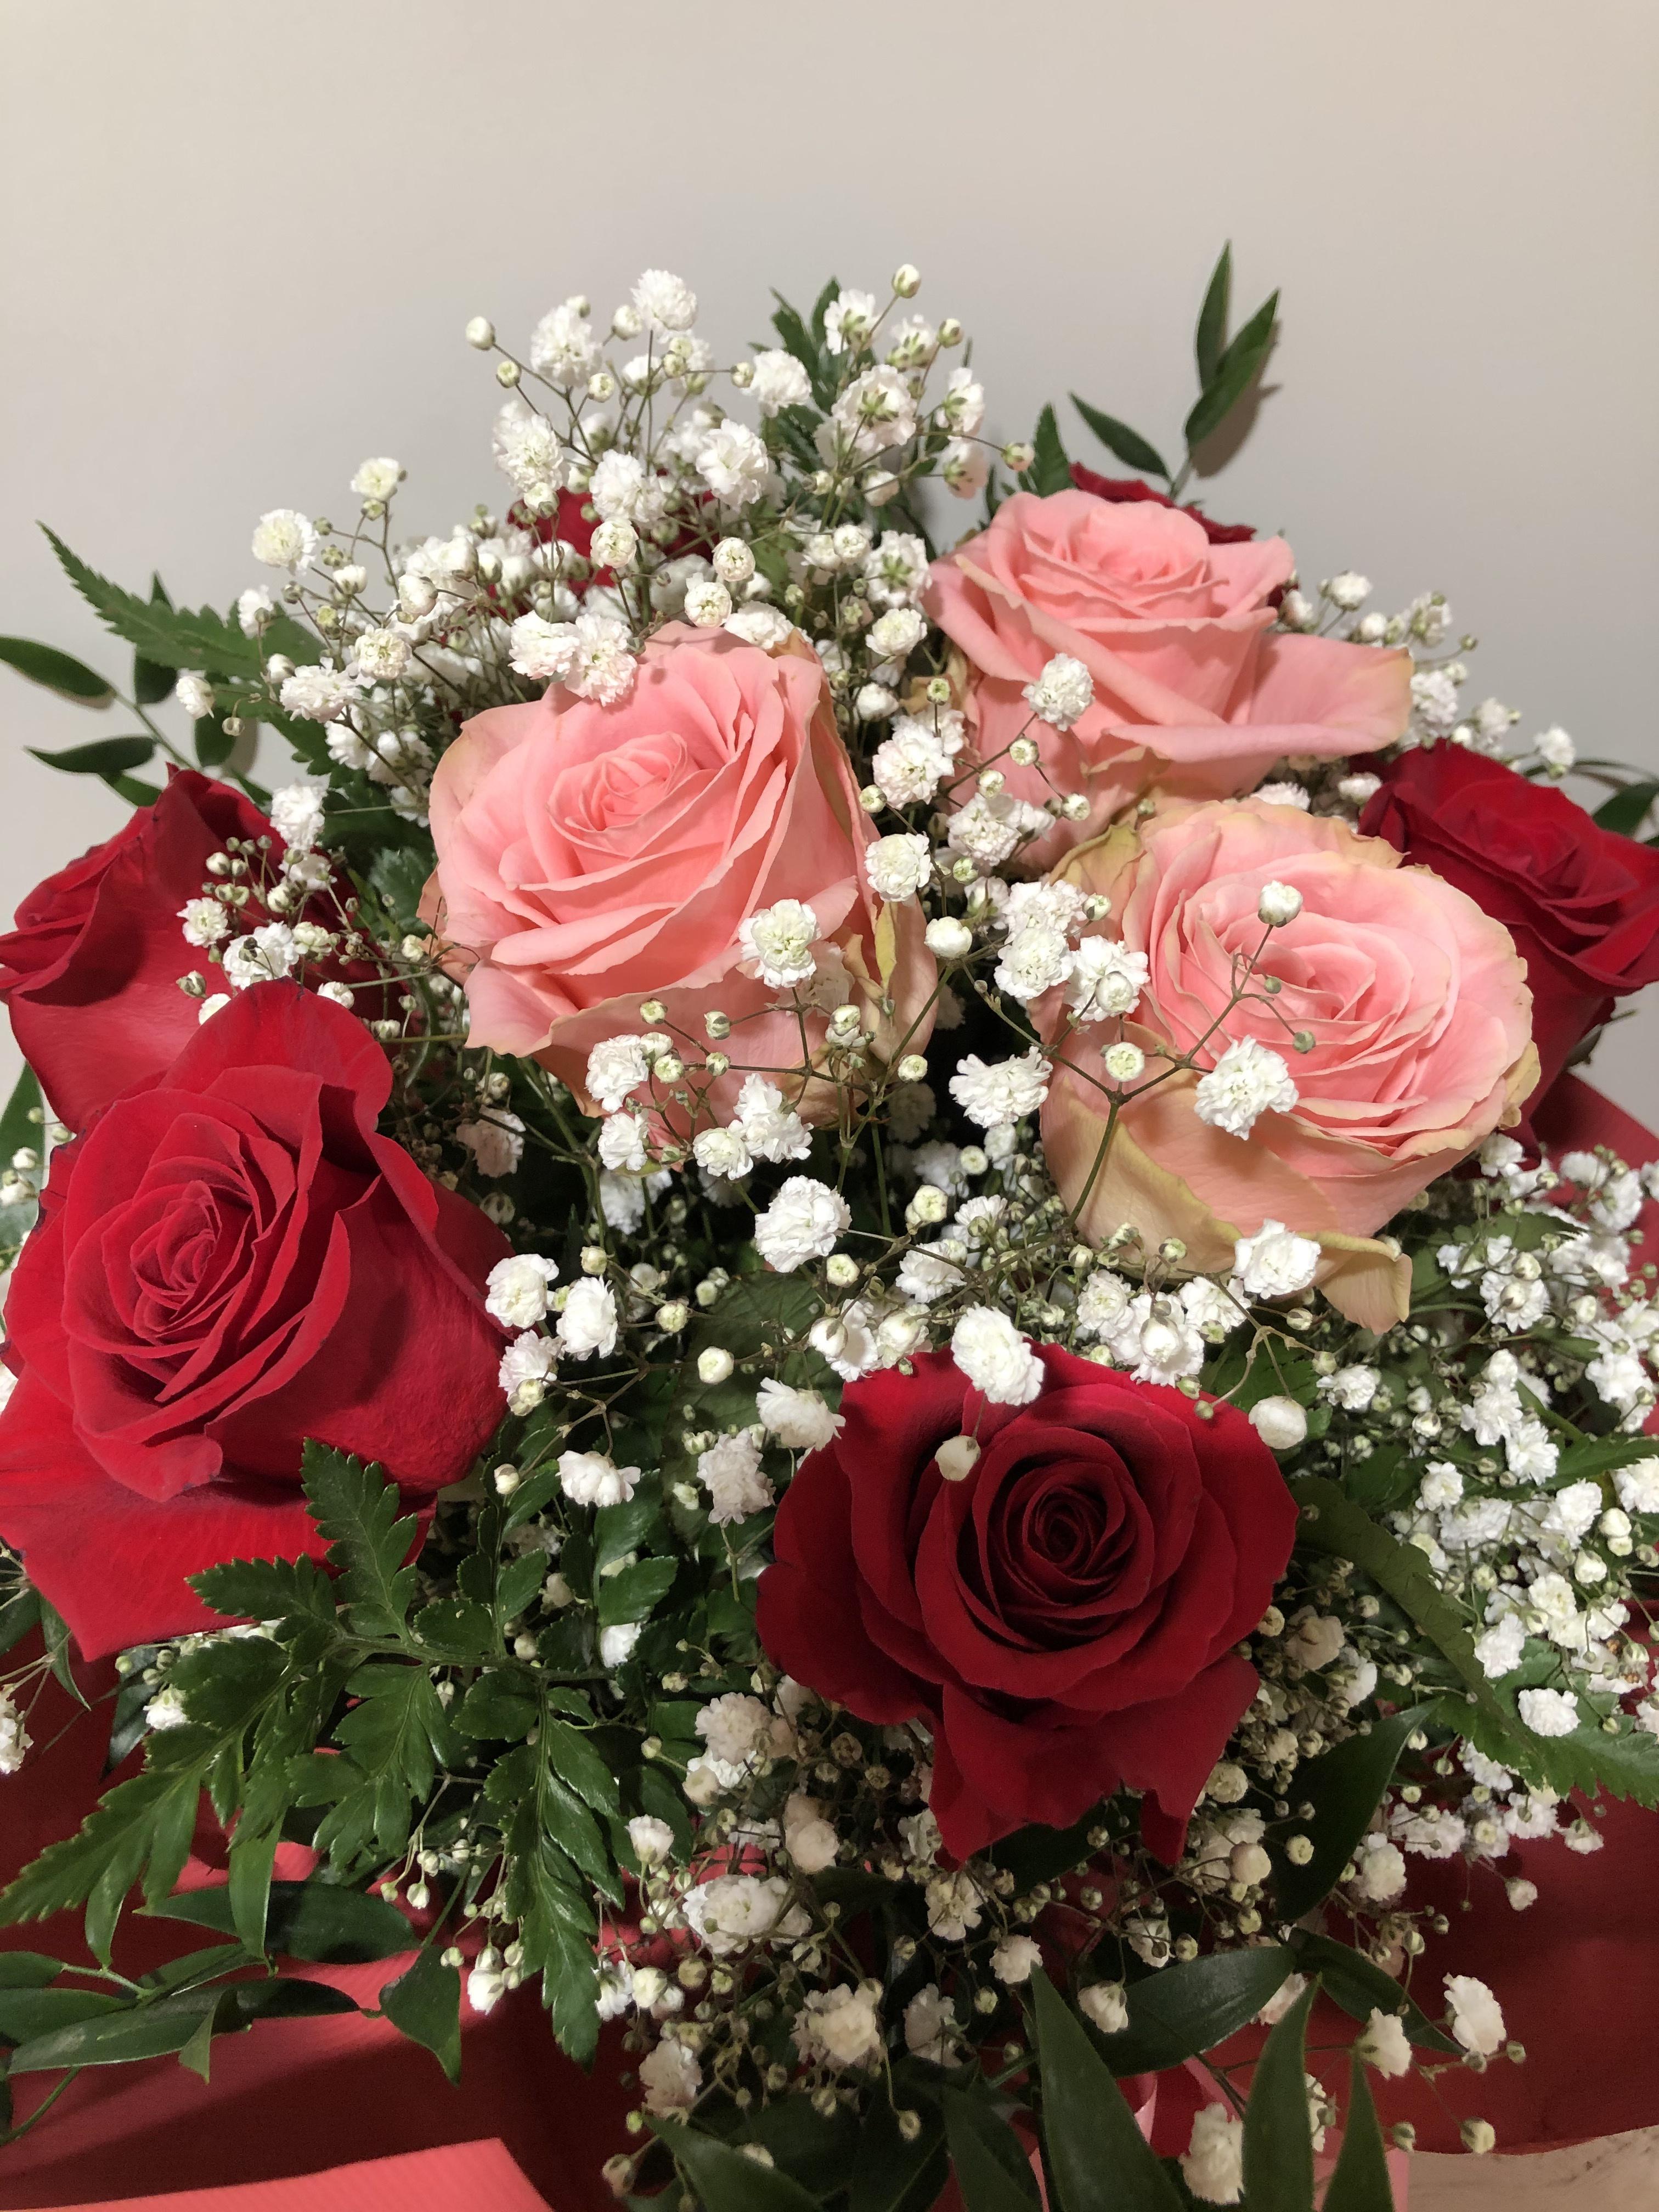 Mazzo Di Fiori E Rose.Mazzo Di Fiori Con Rose Rosse E Rosa Eshop Bardin Gardencenter